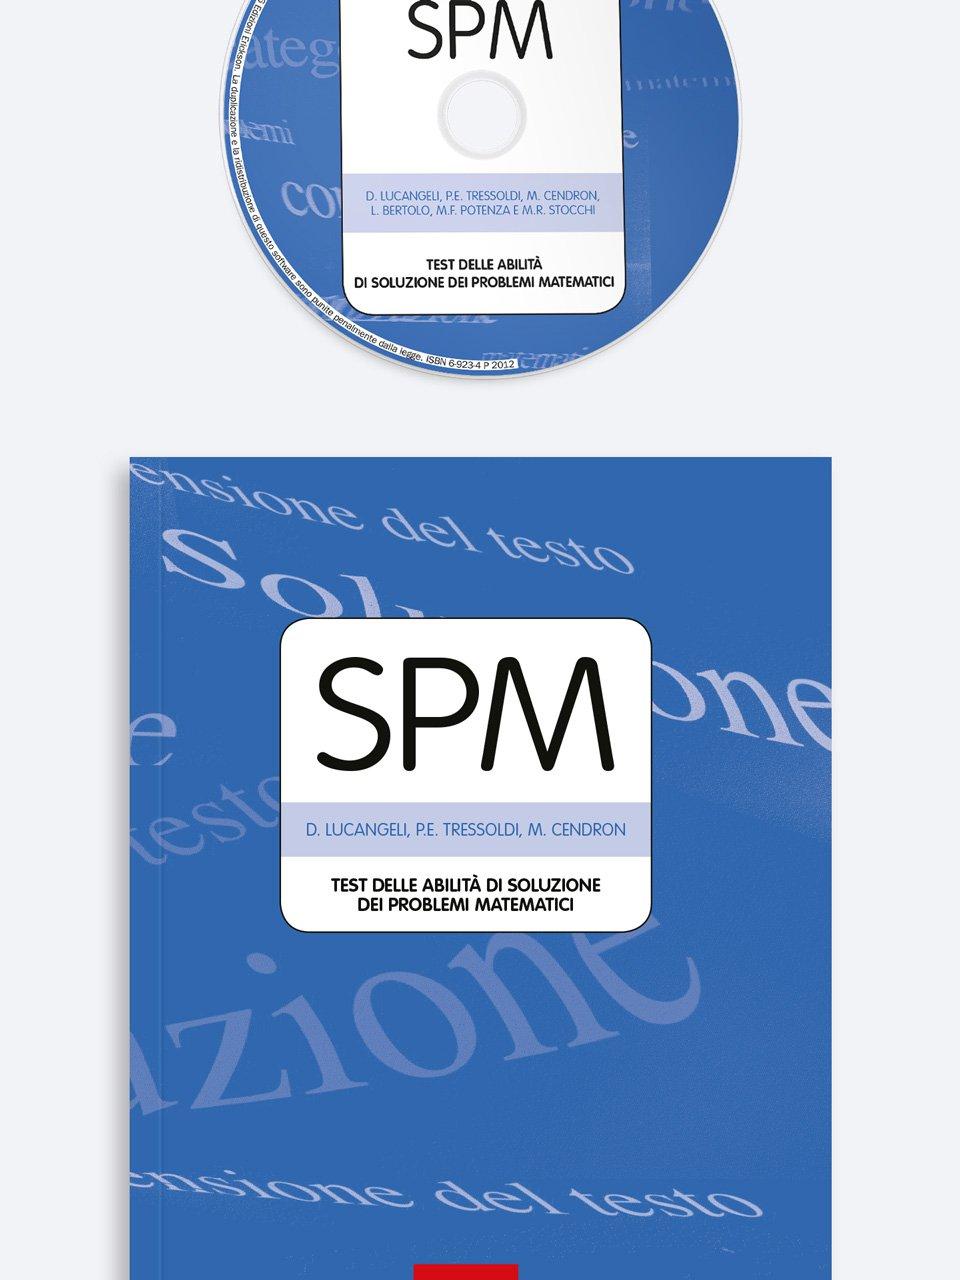 Test SPM - Abilità di soluzione dei problemi matematici - Test ABCA - Abilità di calcolo aritmetico - Libri - Erickson 3